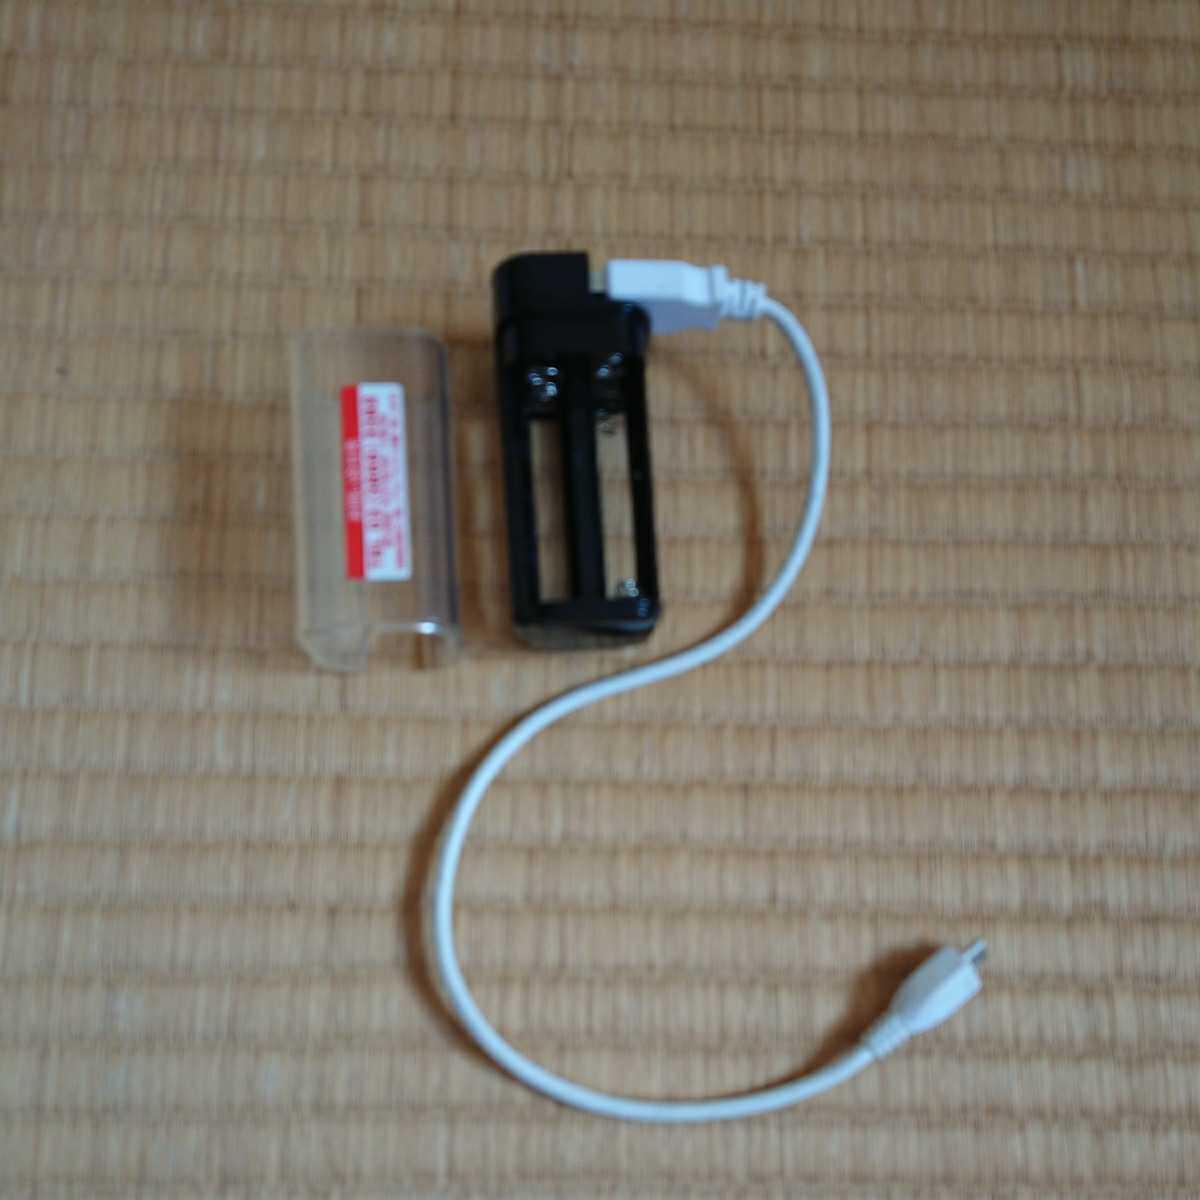 非常用 USB充電器 単3乾電池 4本使用_画像3